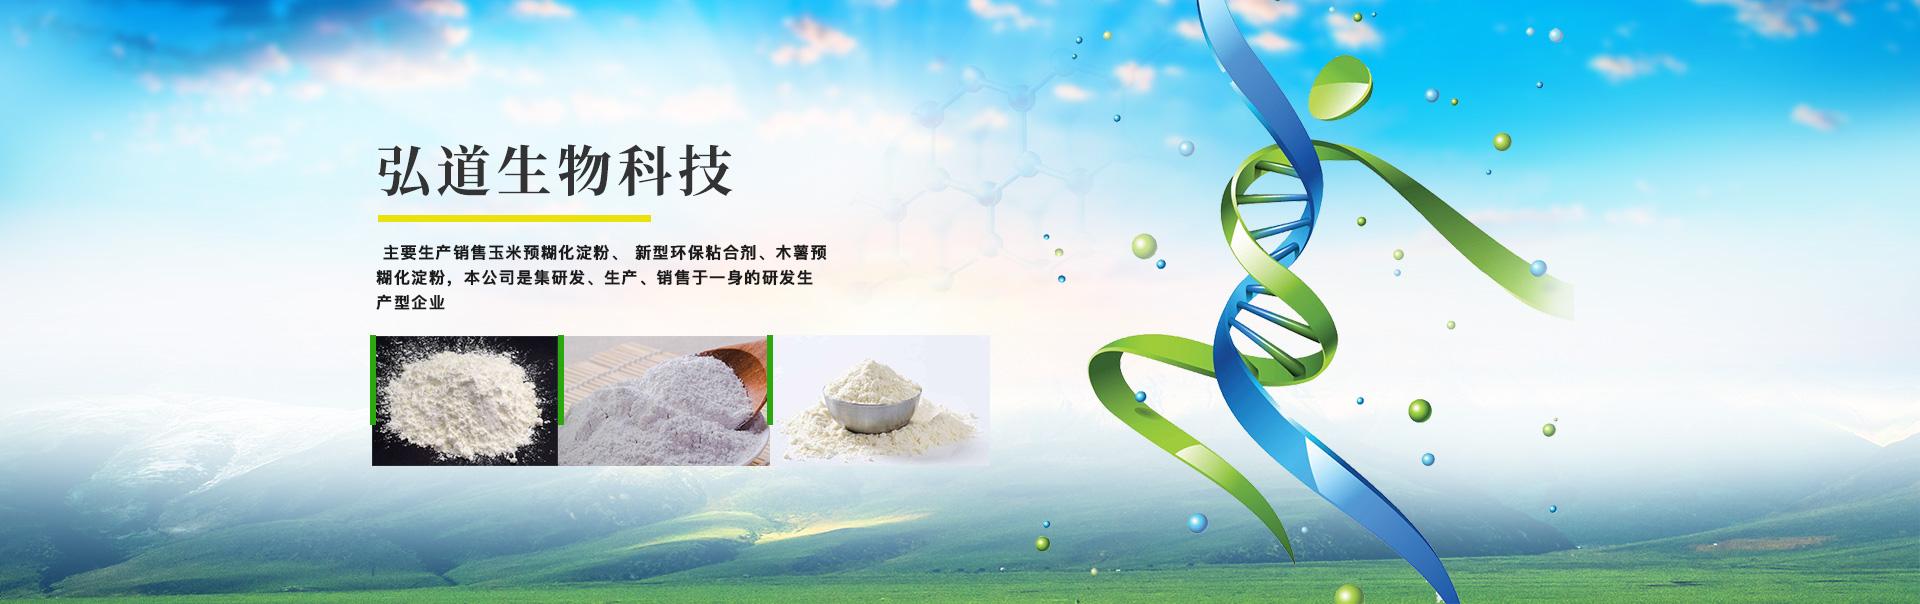 辽宁弘道生物科技有限公司